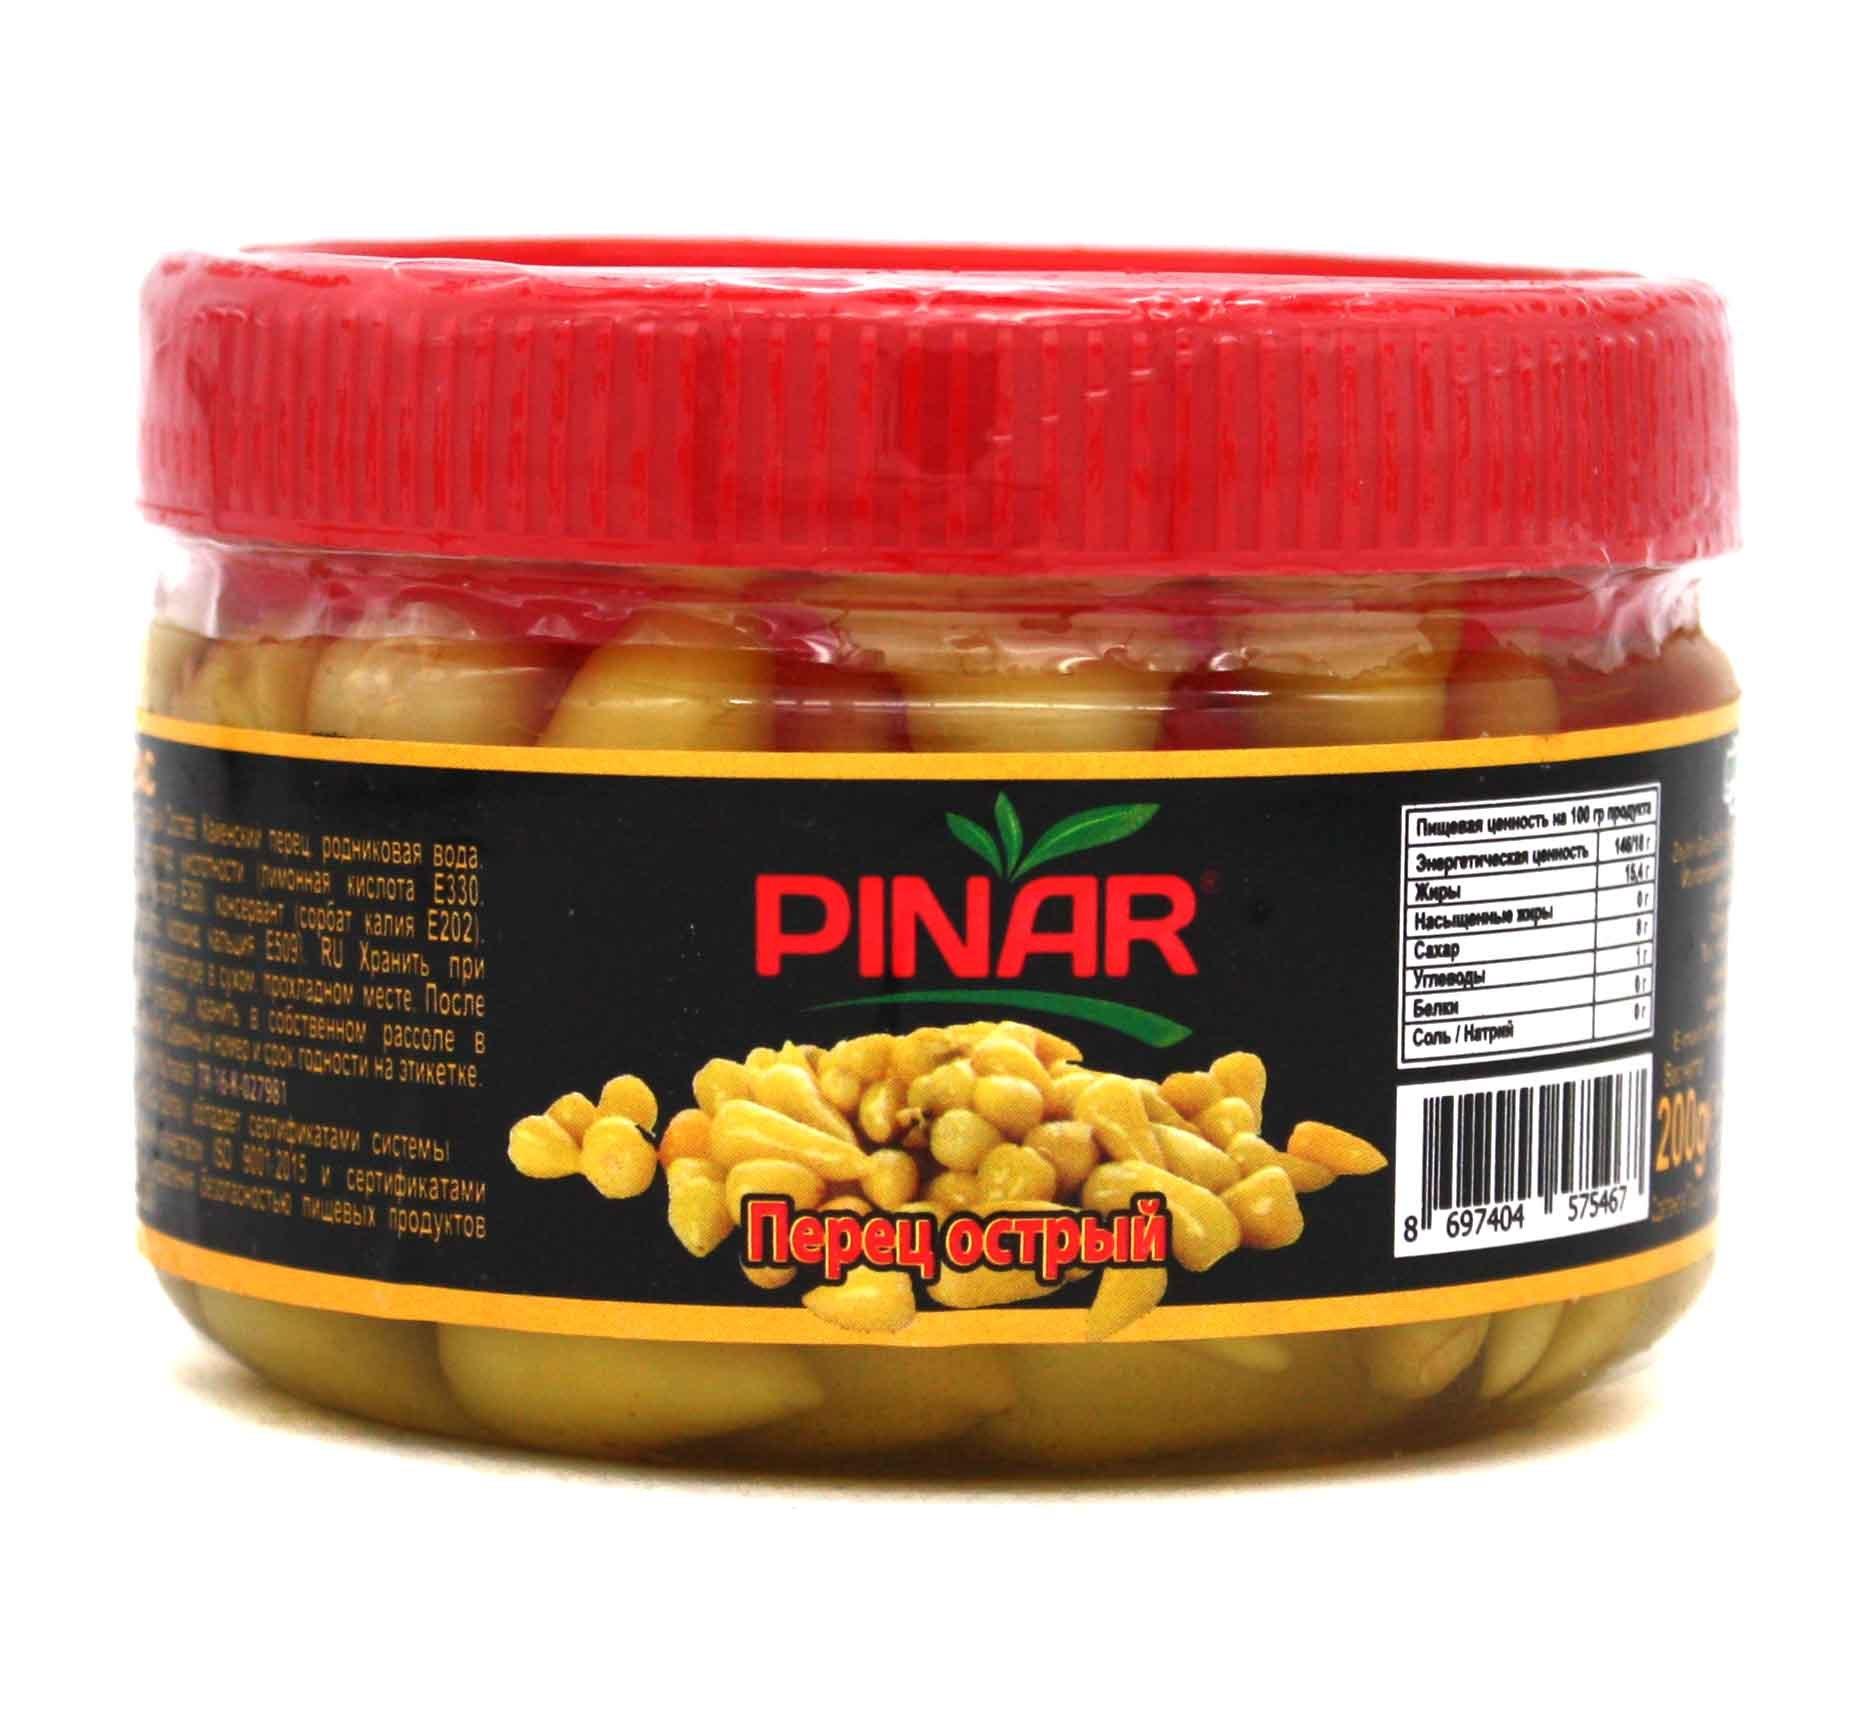 Консервы Перец острый в рассоле, Pinar, 200 г import_files_eb_eb2bdd617fad11eaa9c8484d7ecee297_4f7638a7885c11eaa9c8484d7ecee297.jpg